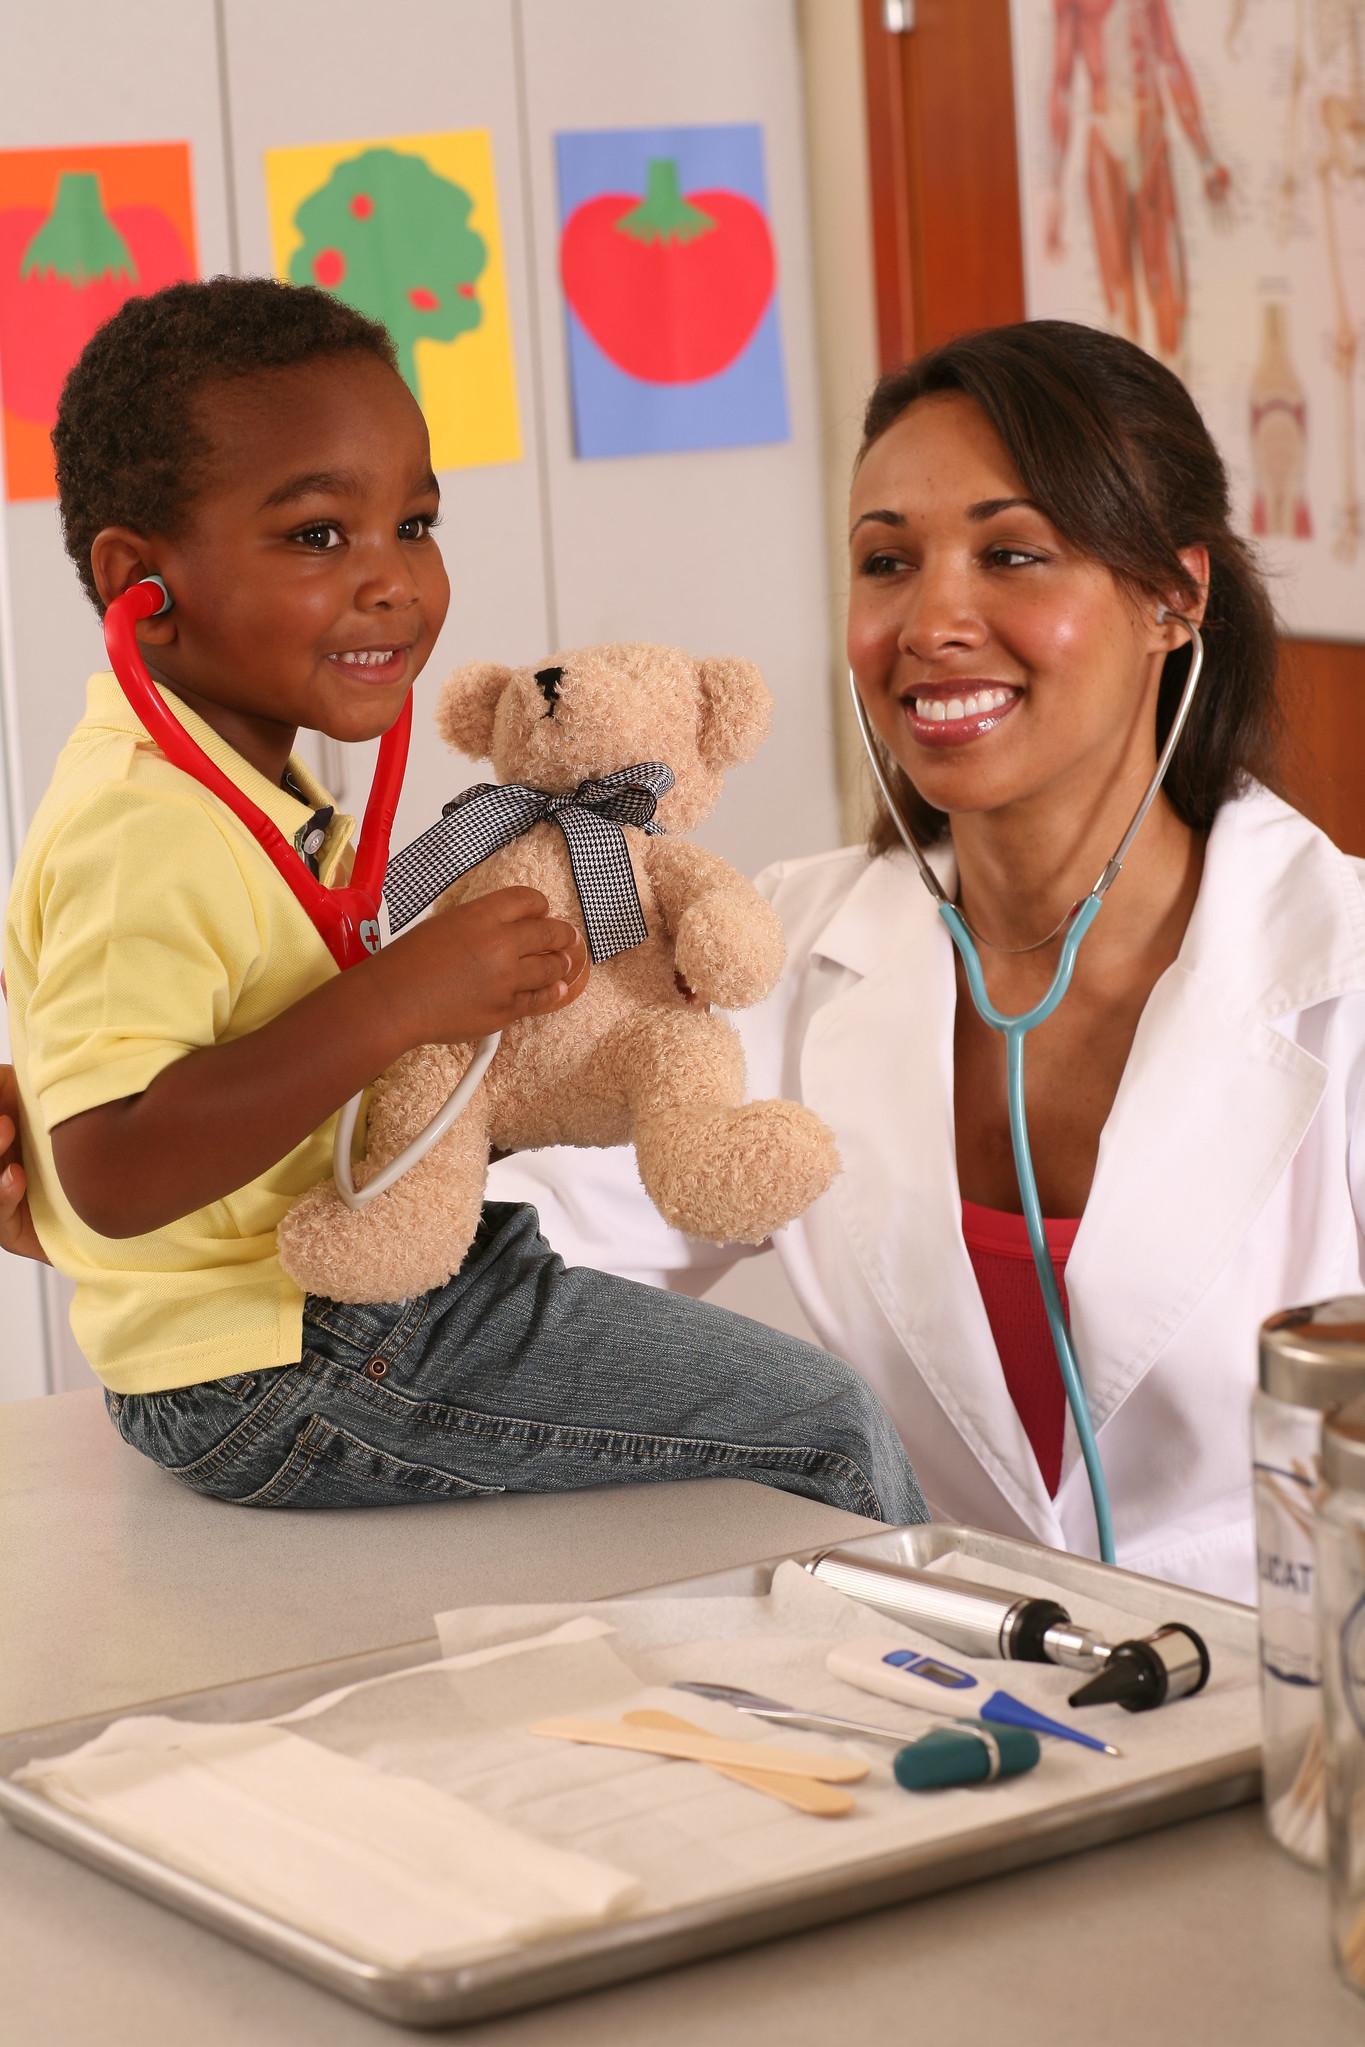 Manténgase al Día: ¡Vayan al Médico y Vacúnense!